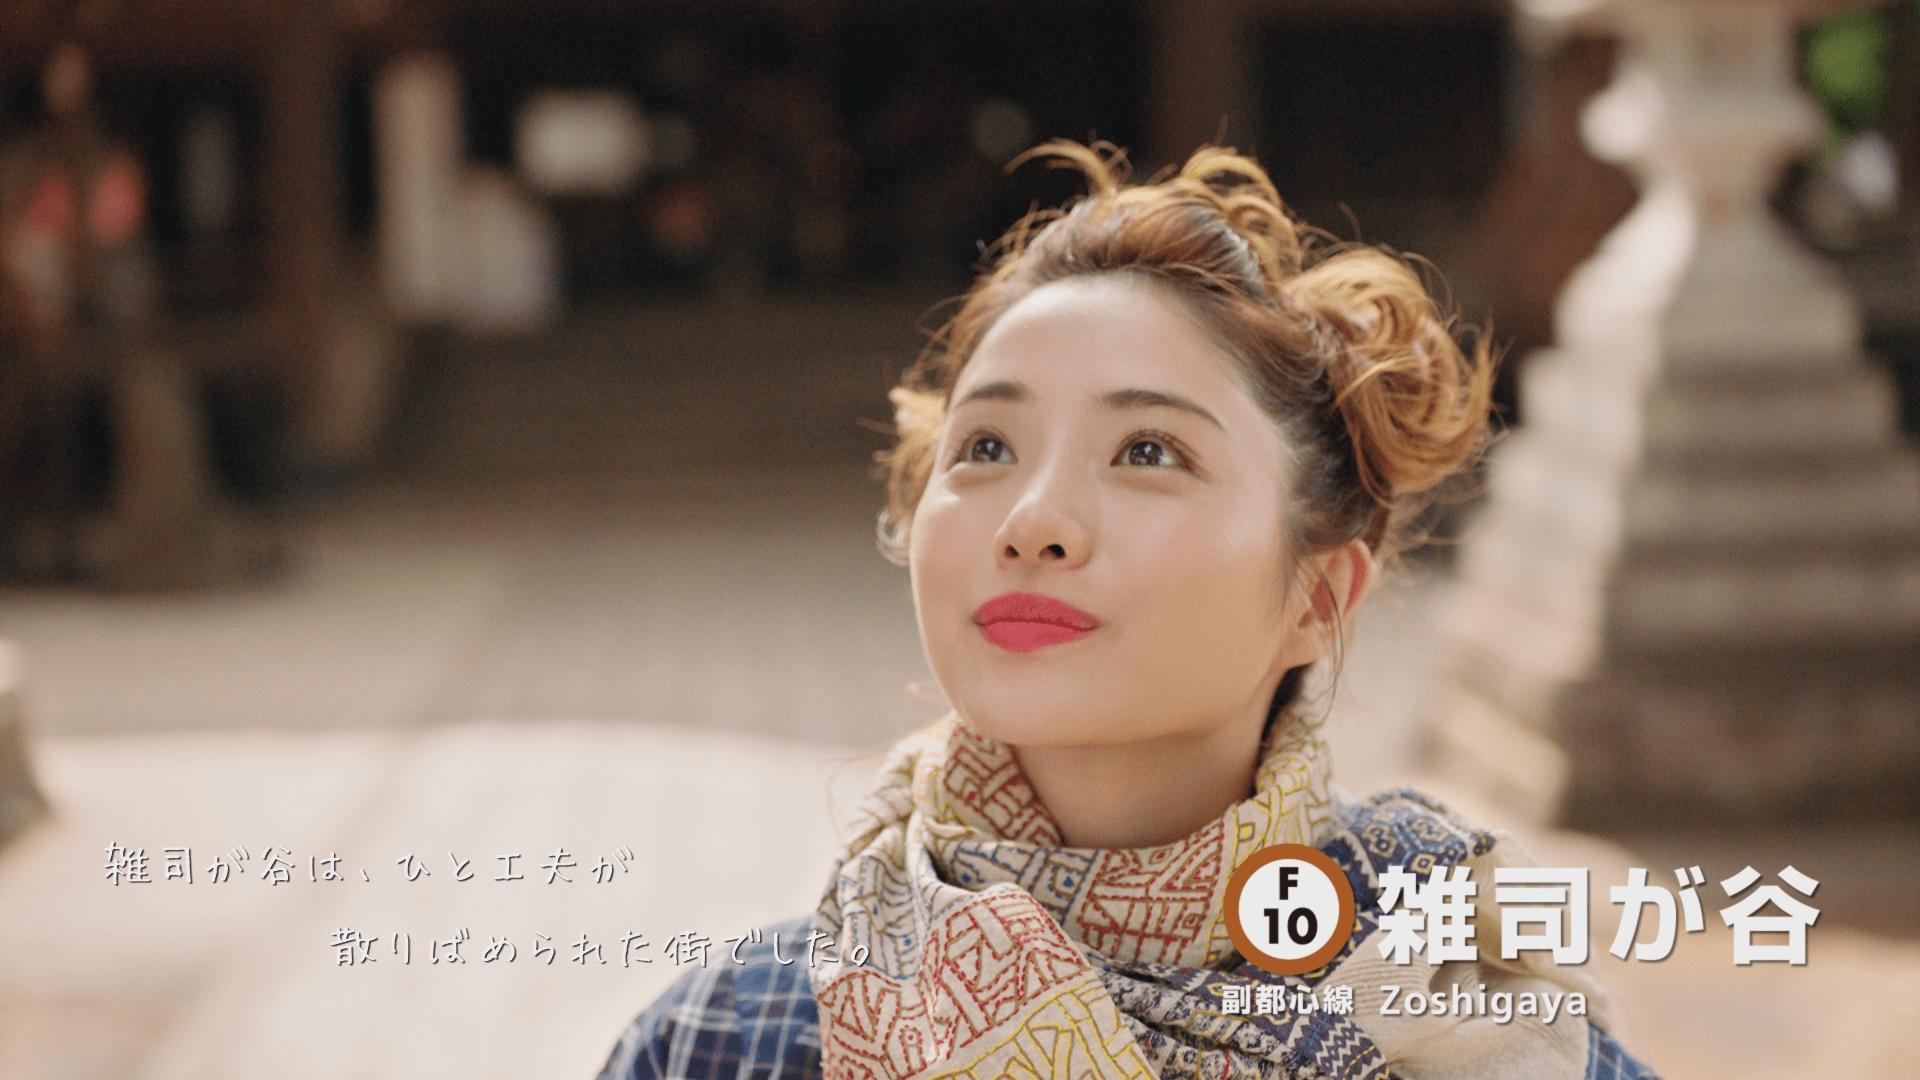 東京メトロ 石原さとみ出演の Find My Tokyo Cm公開 2019年度第3